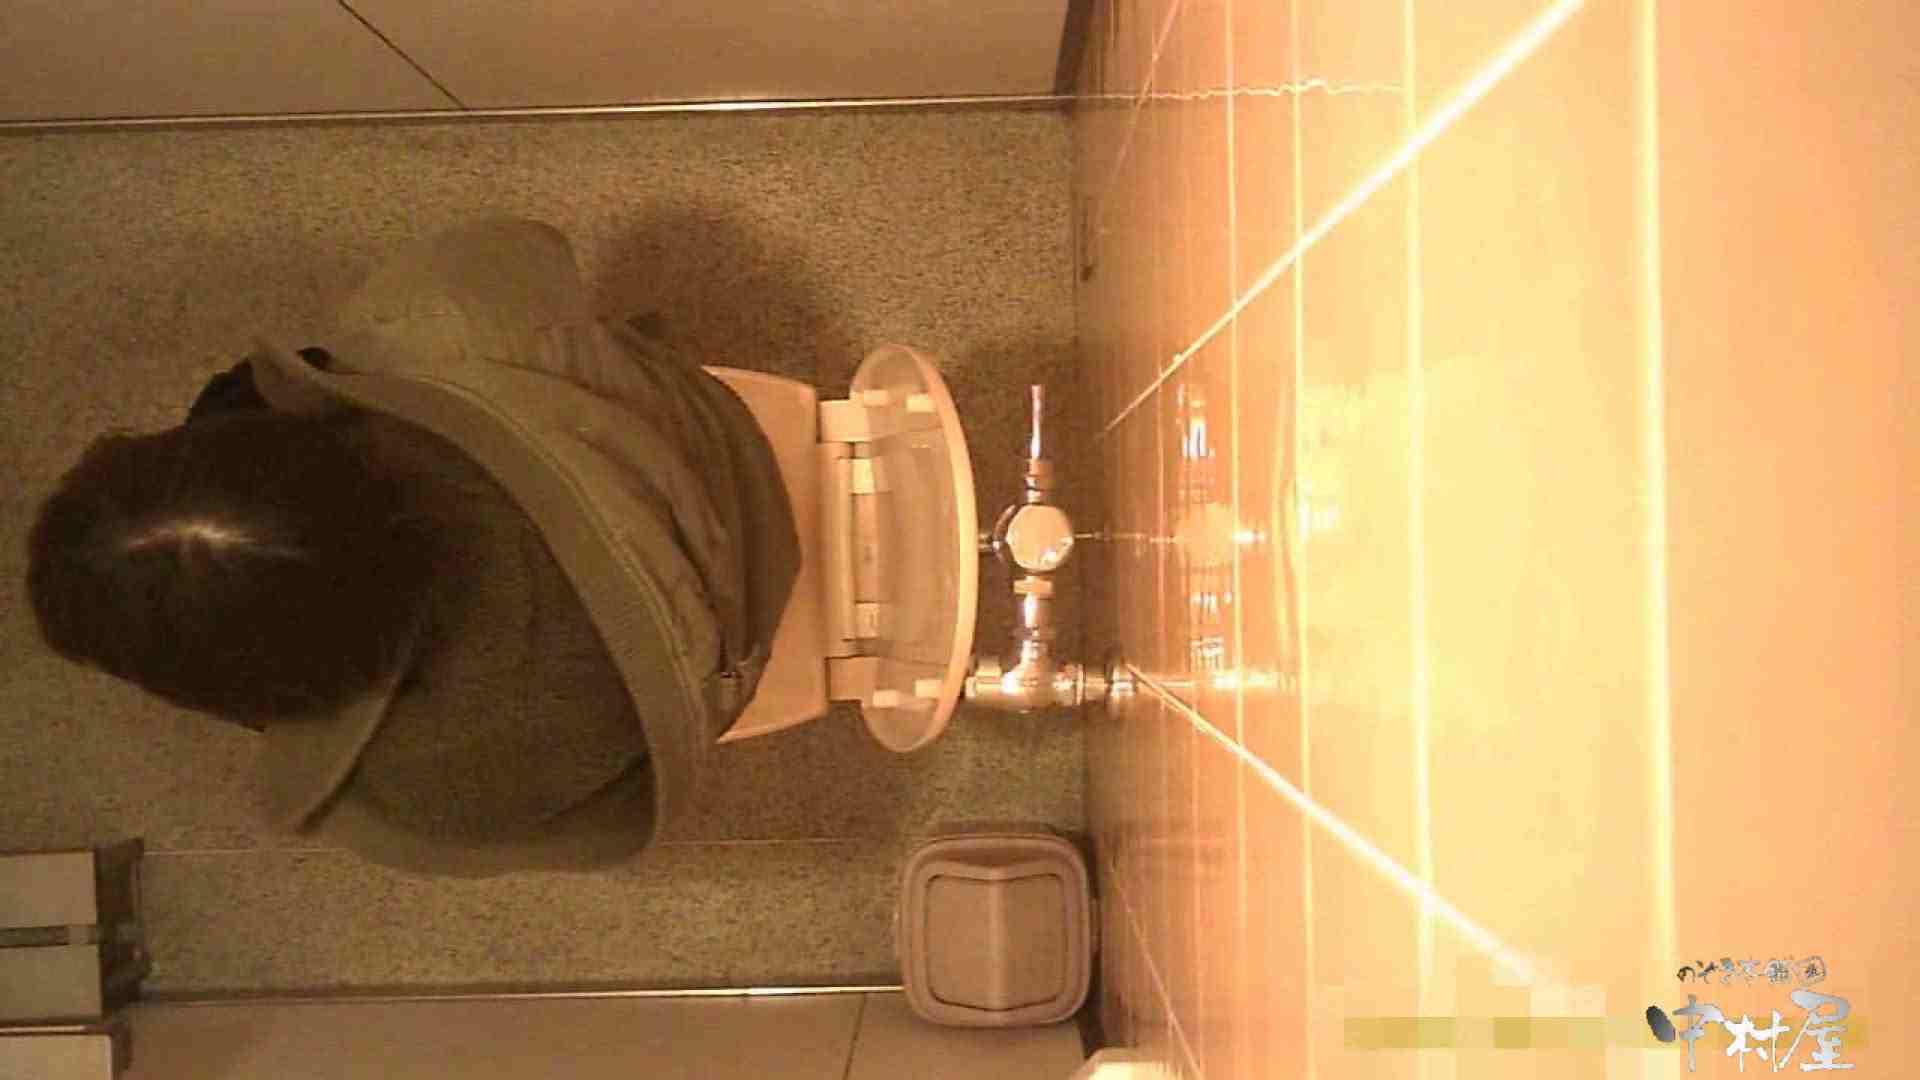 初盗撮!女盗撮師カレンさんの 潜入!女子トイレ盗撮!Vol.5 女子トイレ | 盗撮  61pic 21